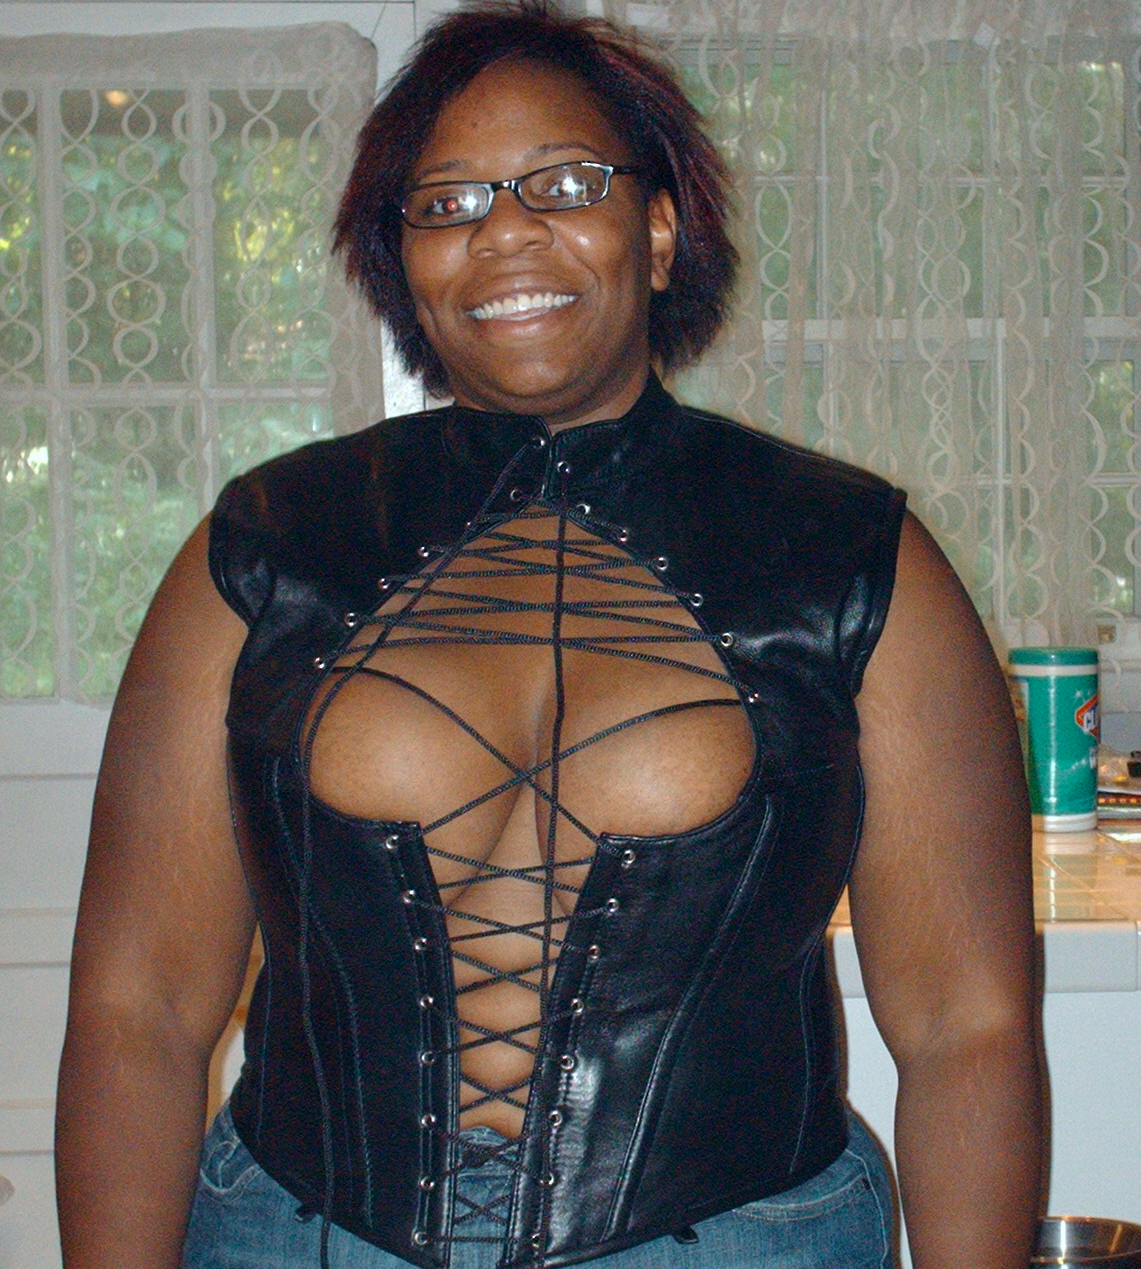 That corset kinda makes me blush.